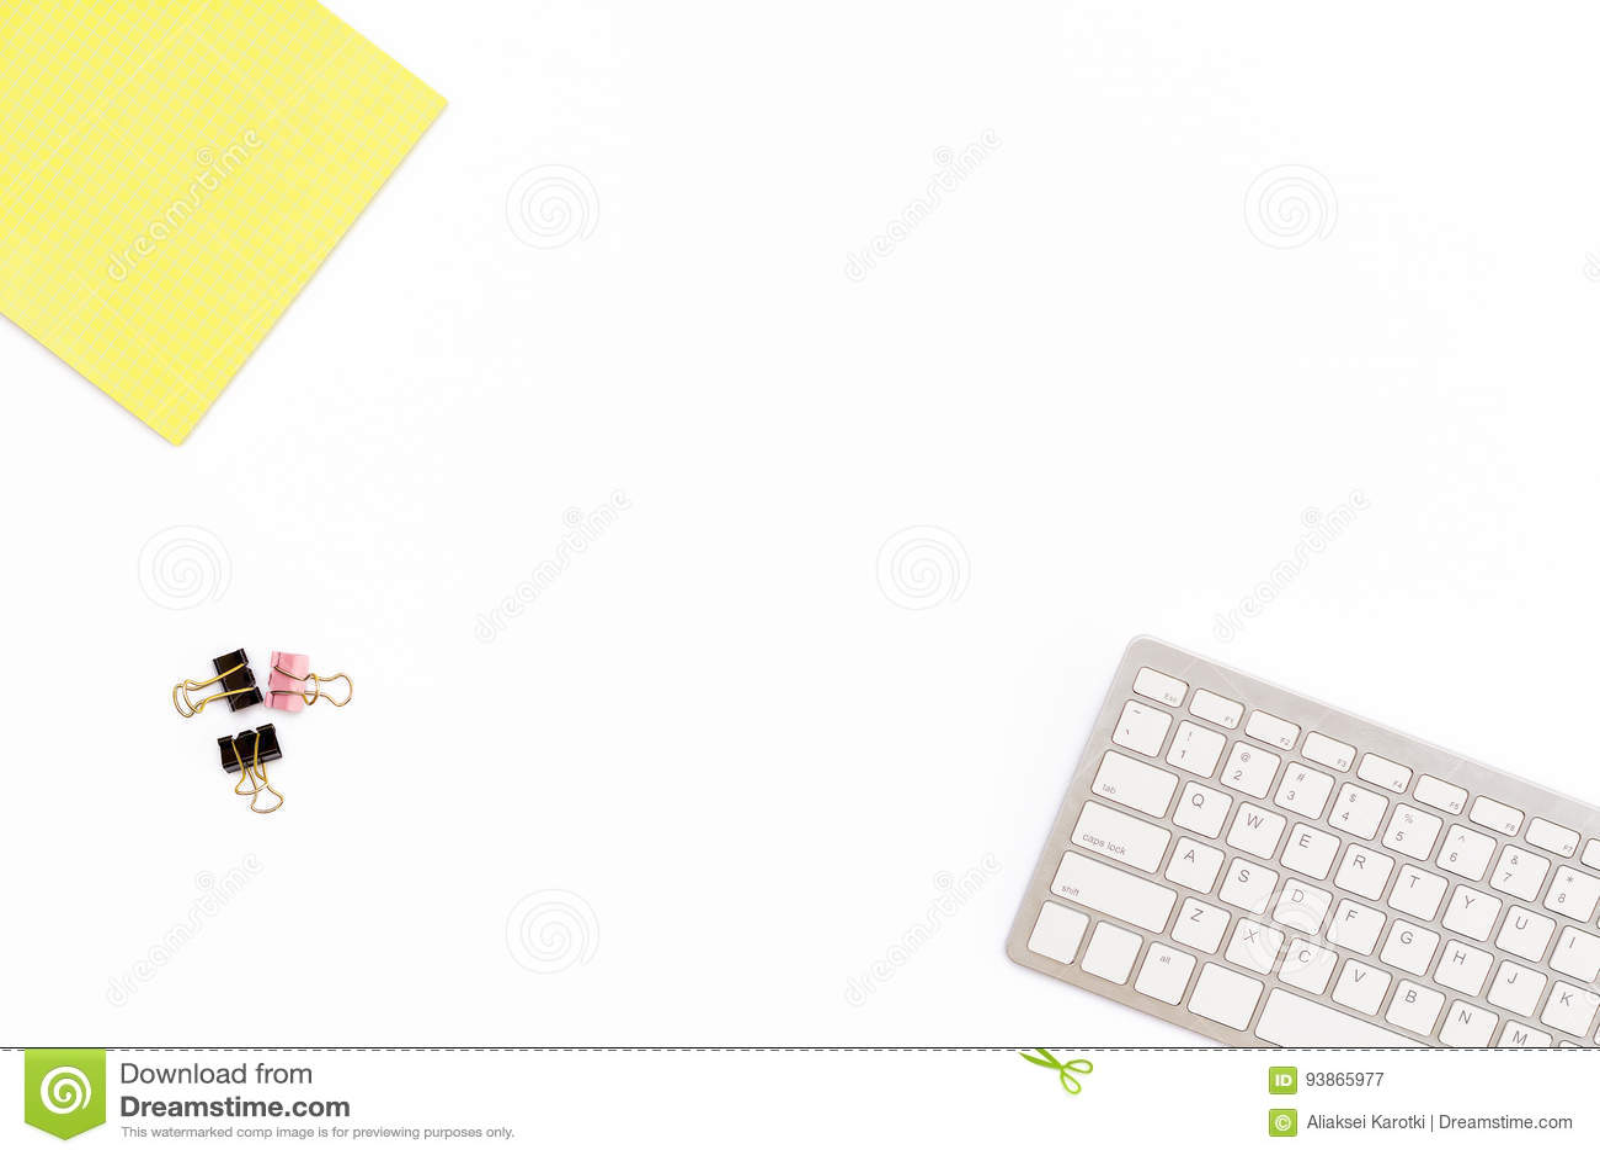 Żółty Notepad, komputerowa klawiatura i klamerki dla papieru na białym tle, Minimalny biznesowy pojęcie dla desktop w biurze